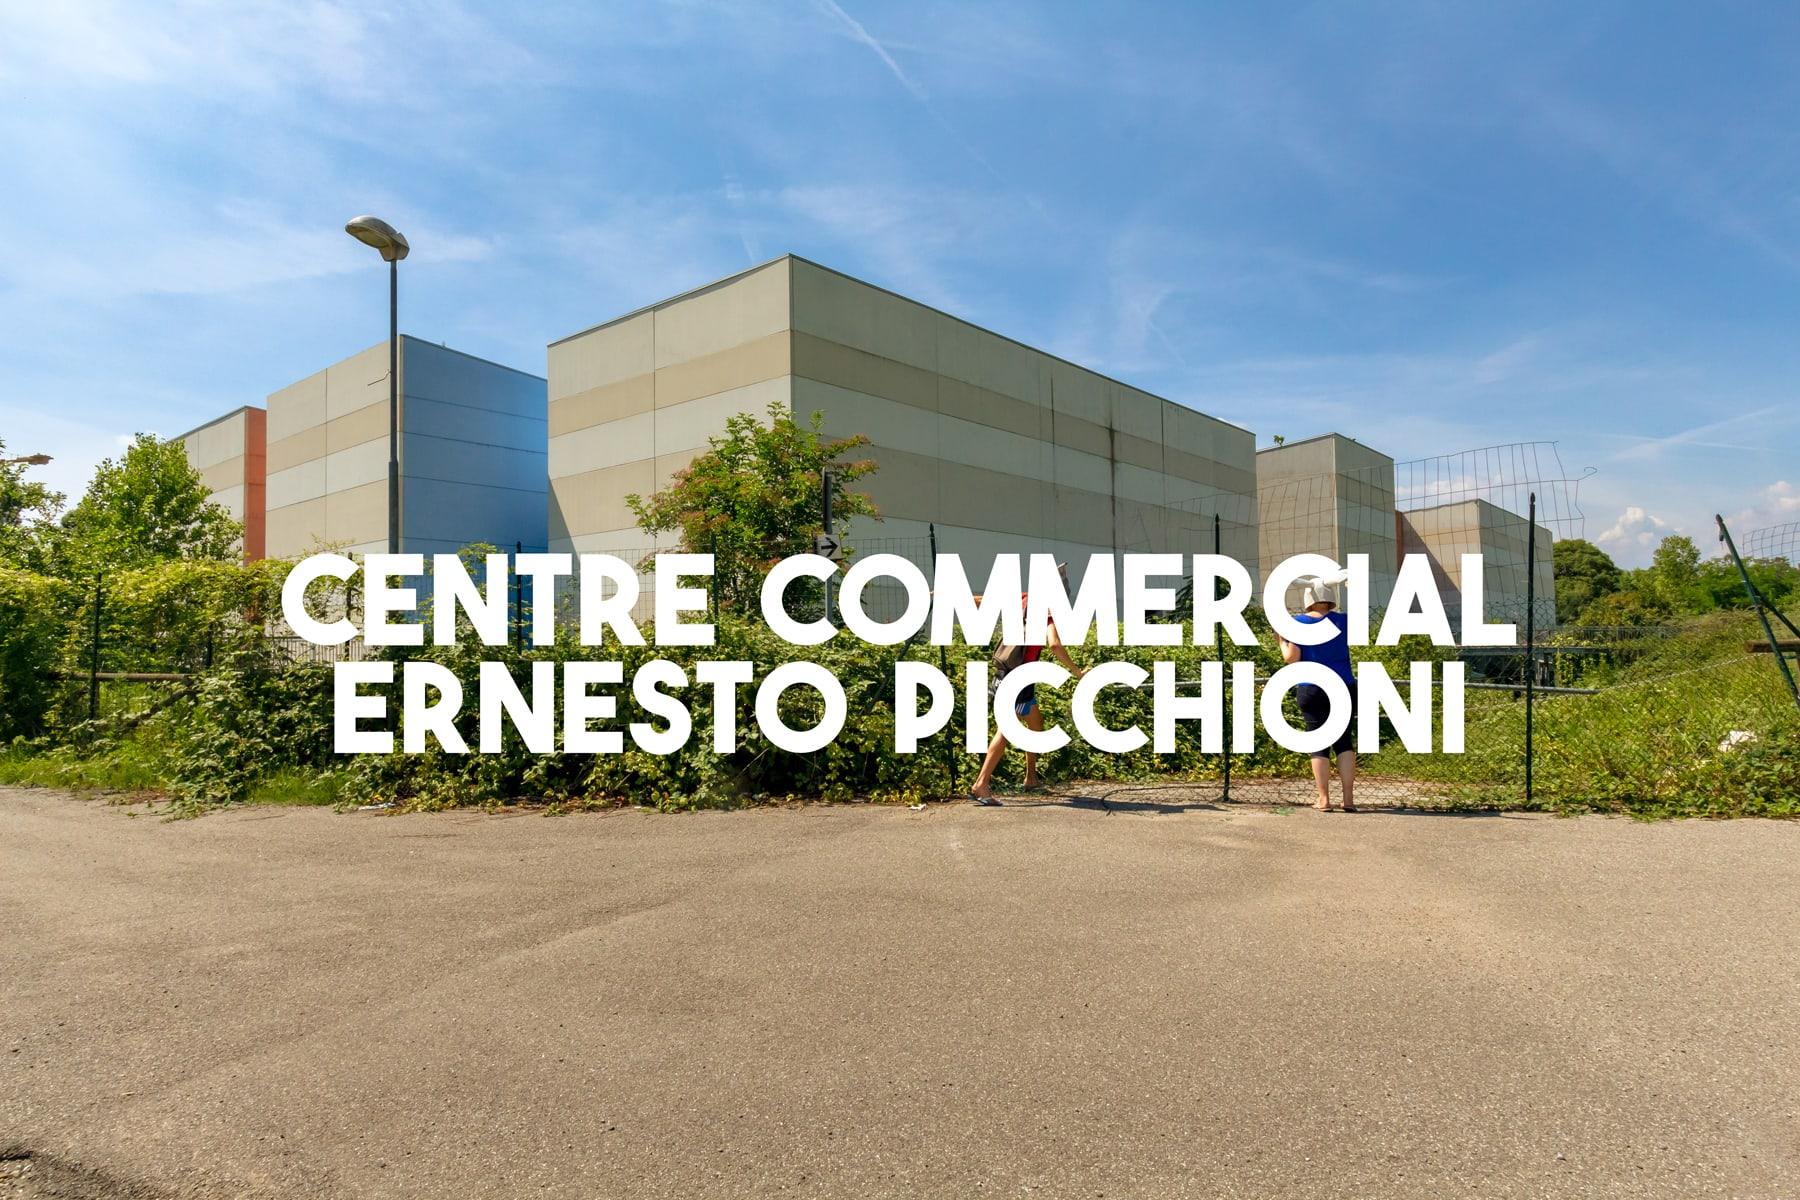 Centre commercial abandonné situé en Italie | urbexsession.com/centre-commercial-ernesto-picchioni | Urbex Italie